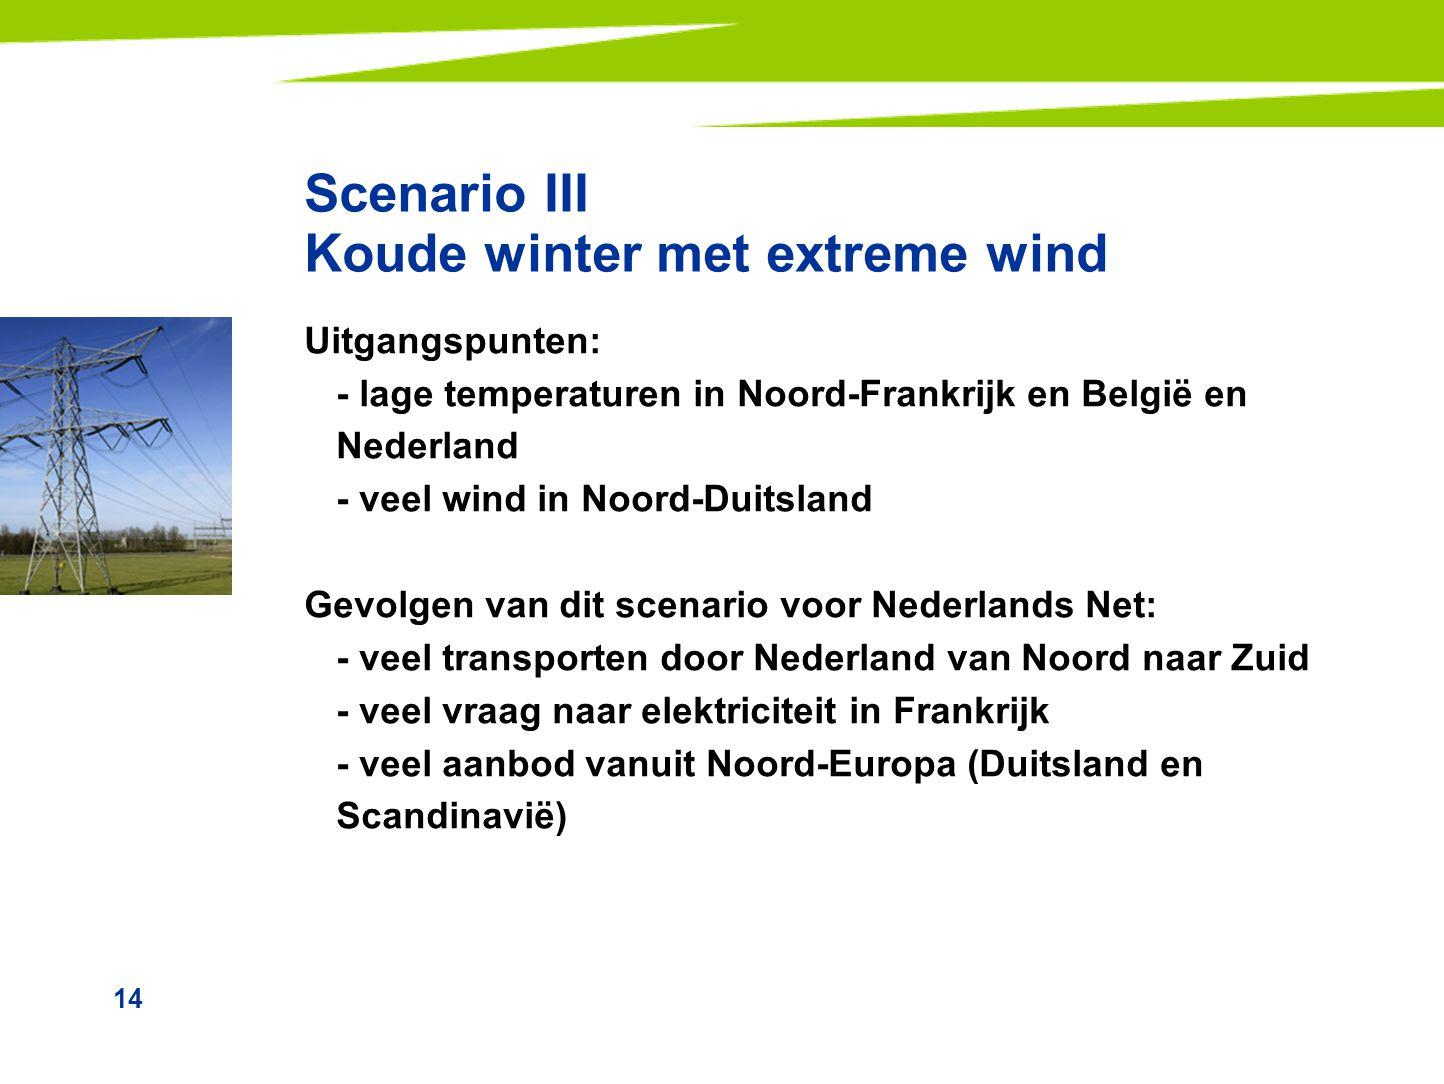 Scenario III Koude winter met extreme wind